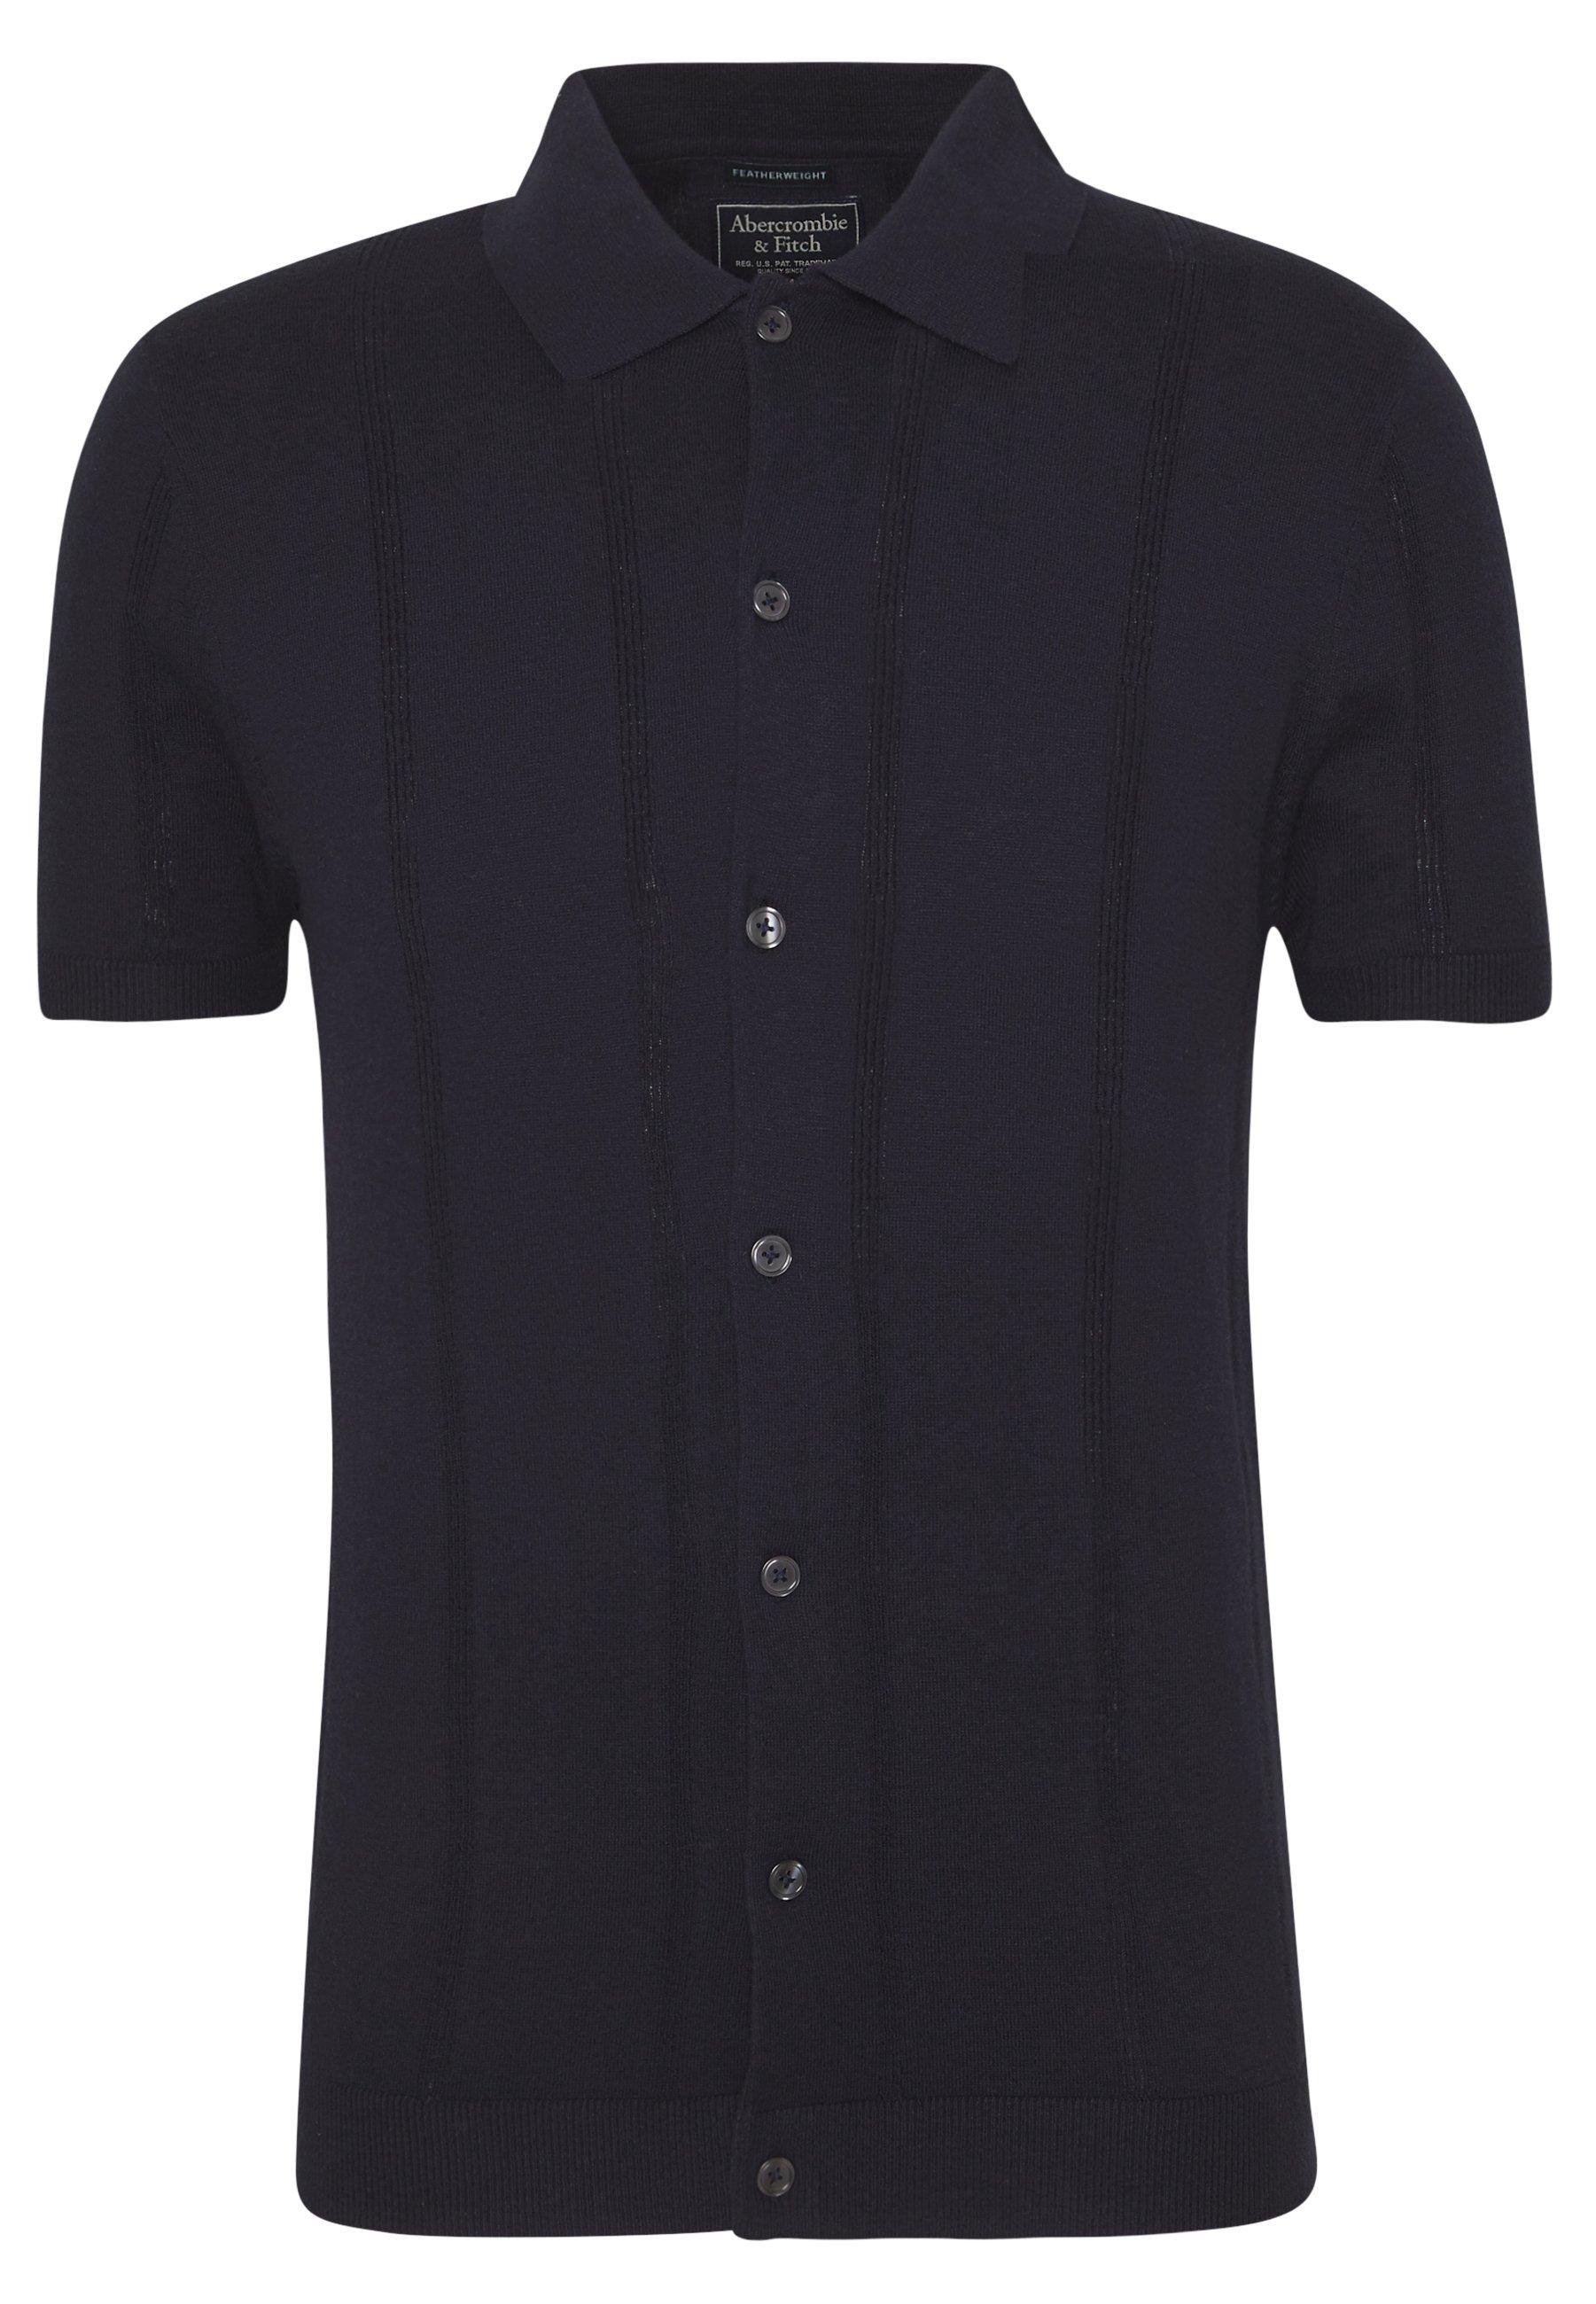 Abercrombie & Fitch Poloskjorter - Navy/mørkeblå